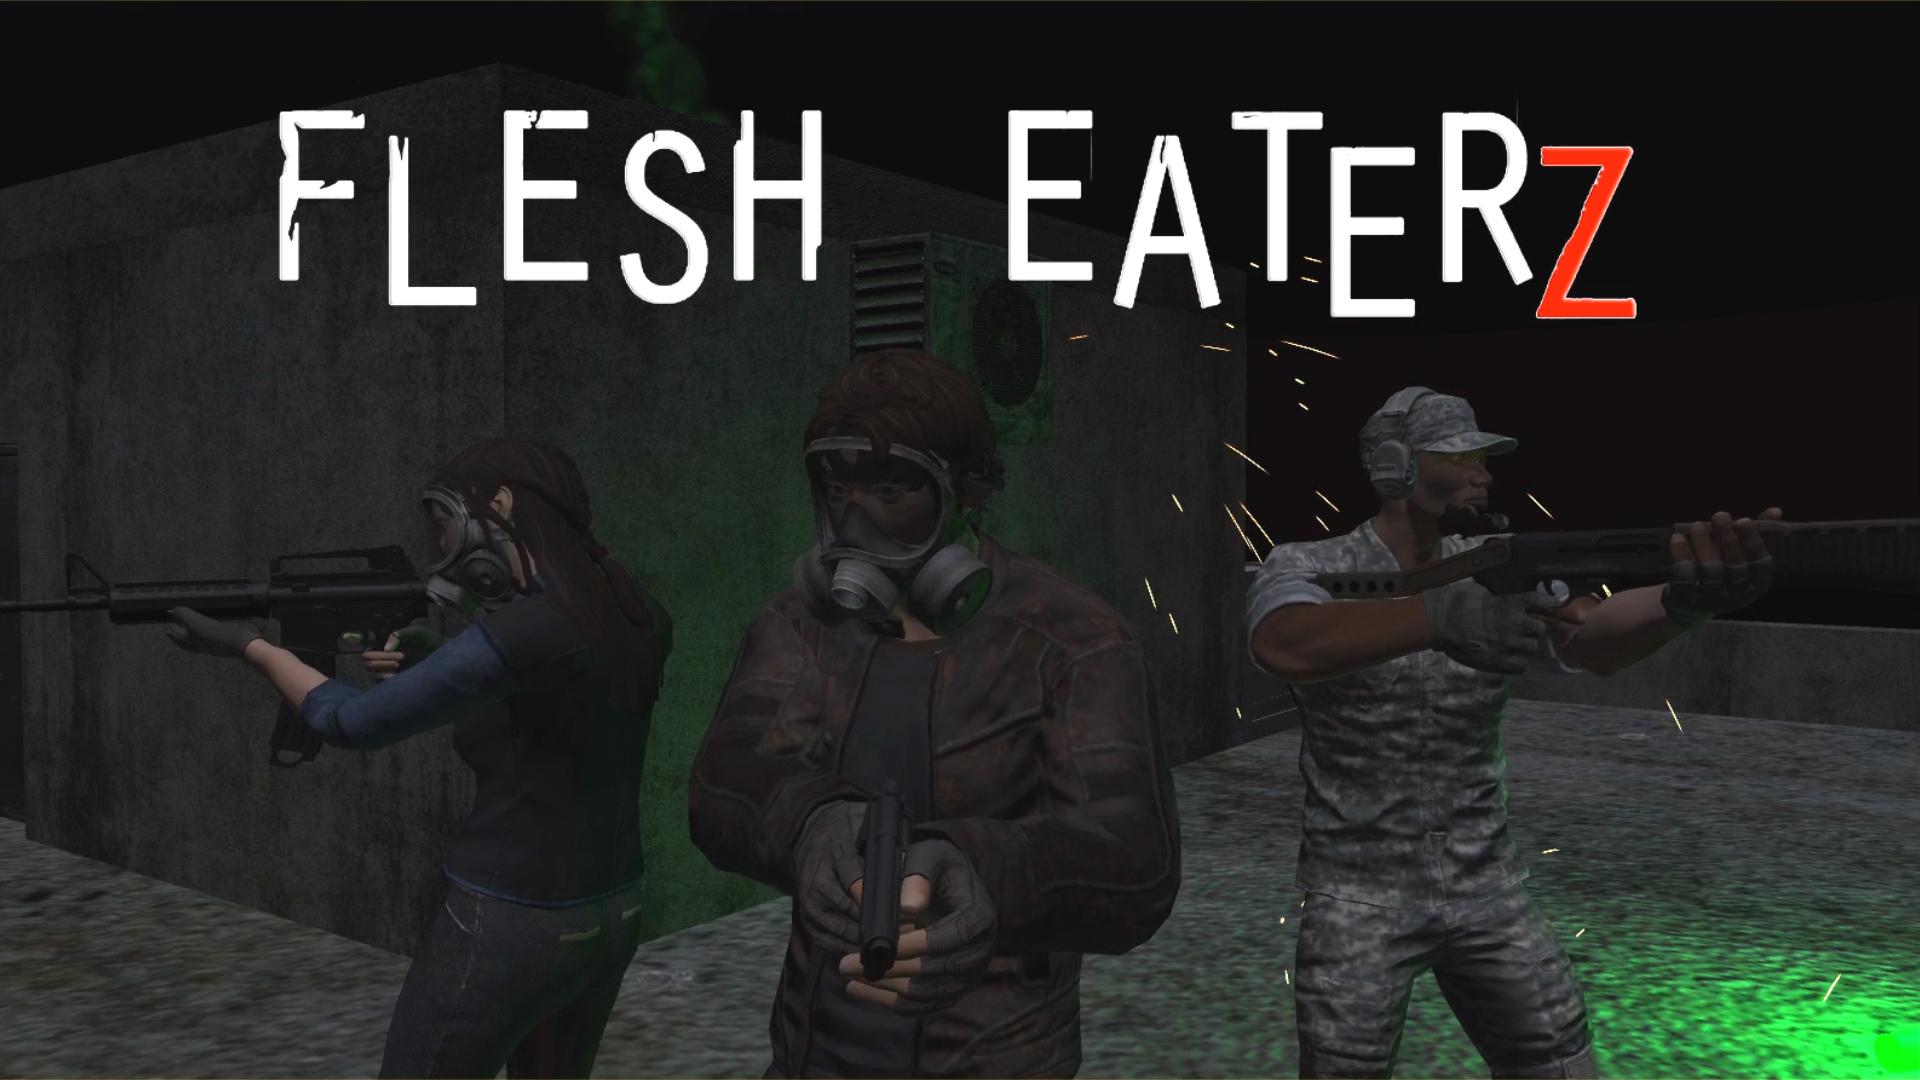 Flesh EaterZ: Revenge